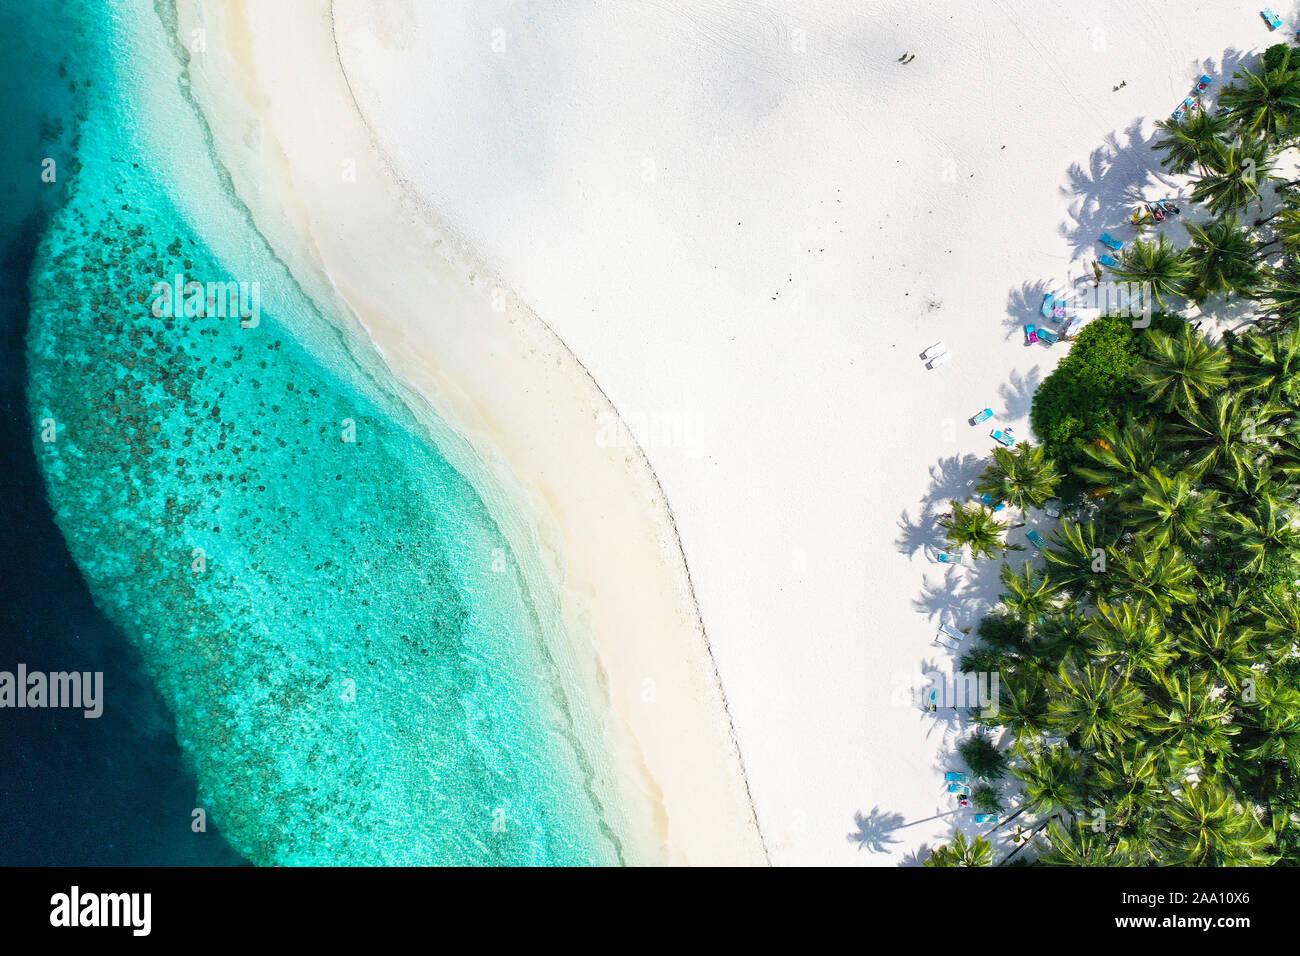 Vista superior de antena con zumbido de una exótica isla tropical paradisíaca con aguas cristalinas de color turquesa y playas de arena blanca pura Foto de stock